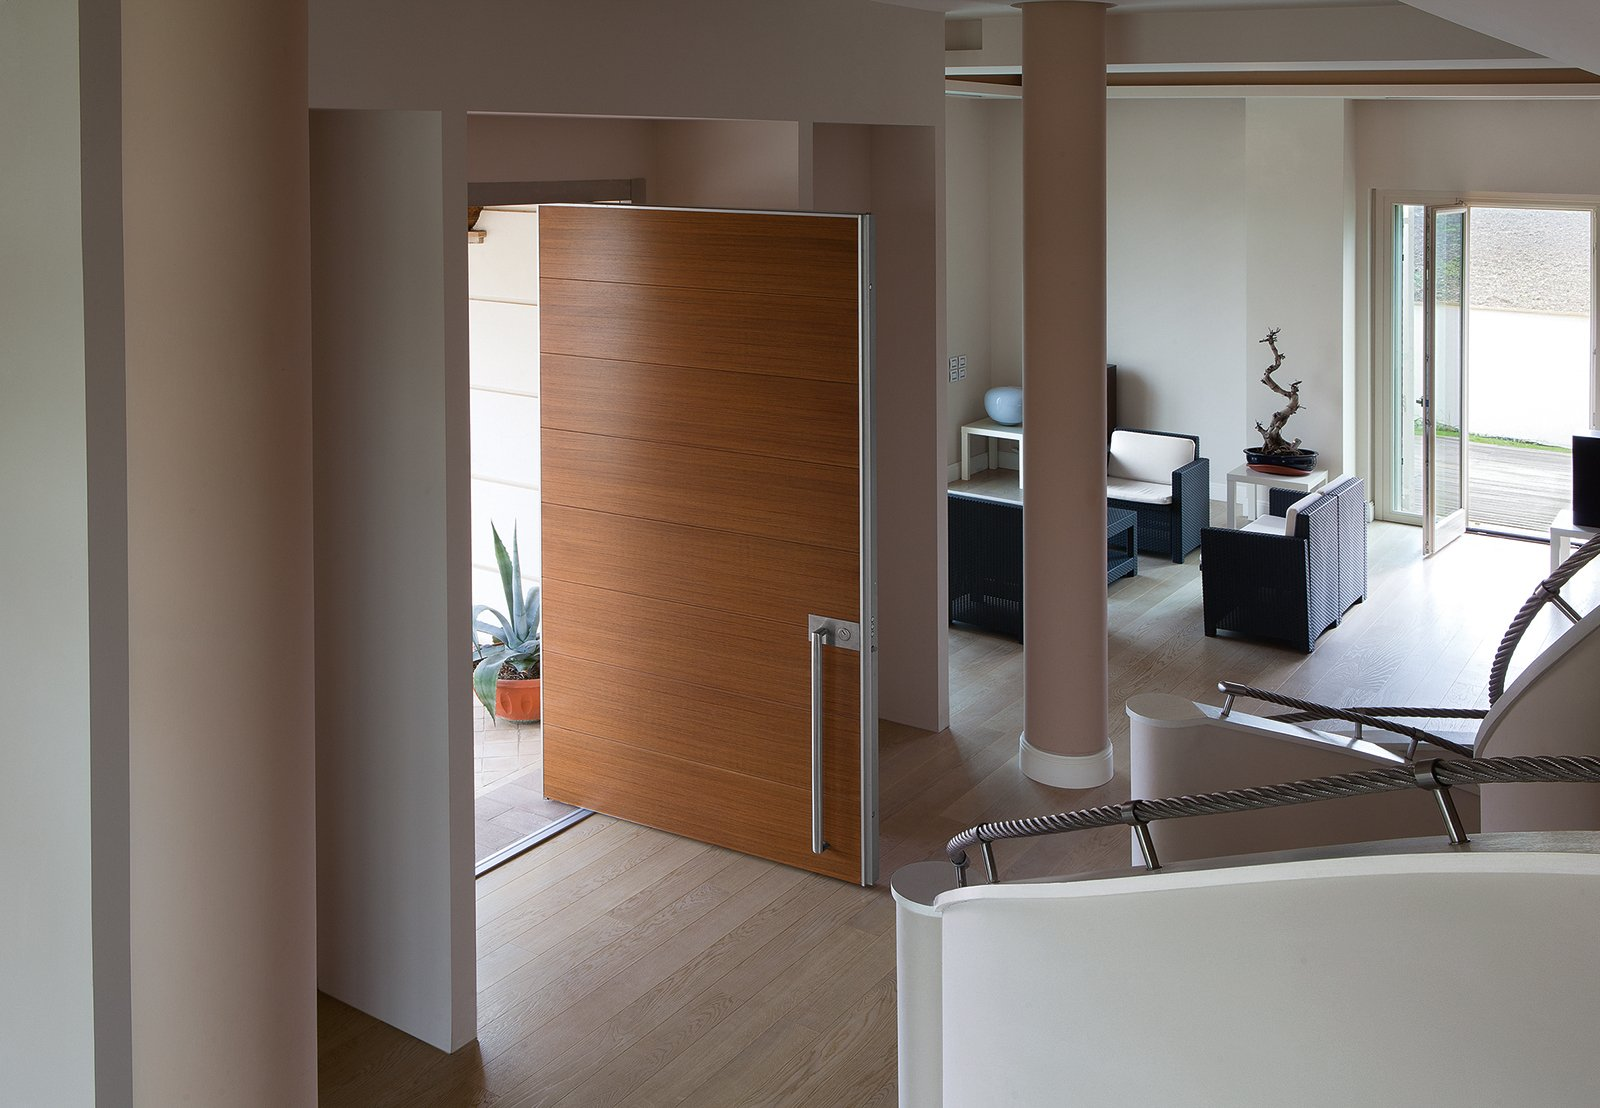 Porte e finestre di sicurezza casa protetta anche durante for Finestre a bilico verticale